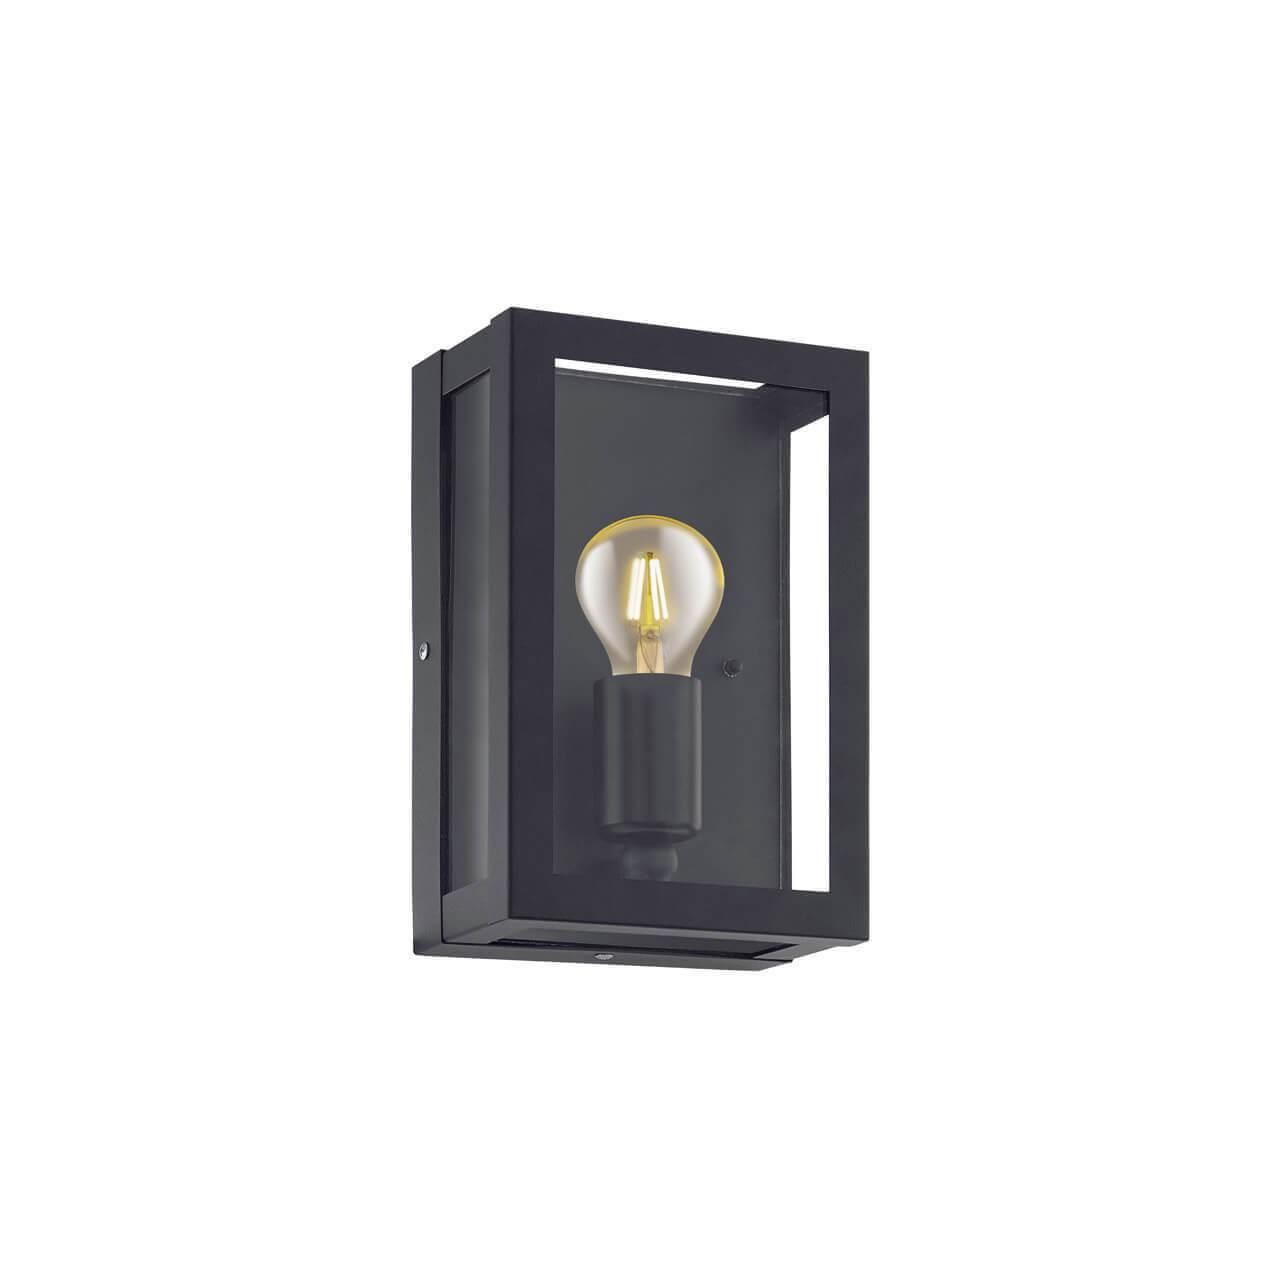 купить Уличный настенный светильник Eglo Alamonte 1 94831 по цене 4490 рублей